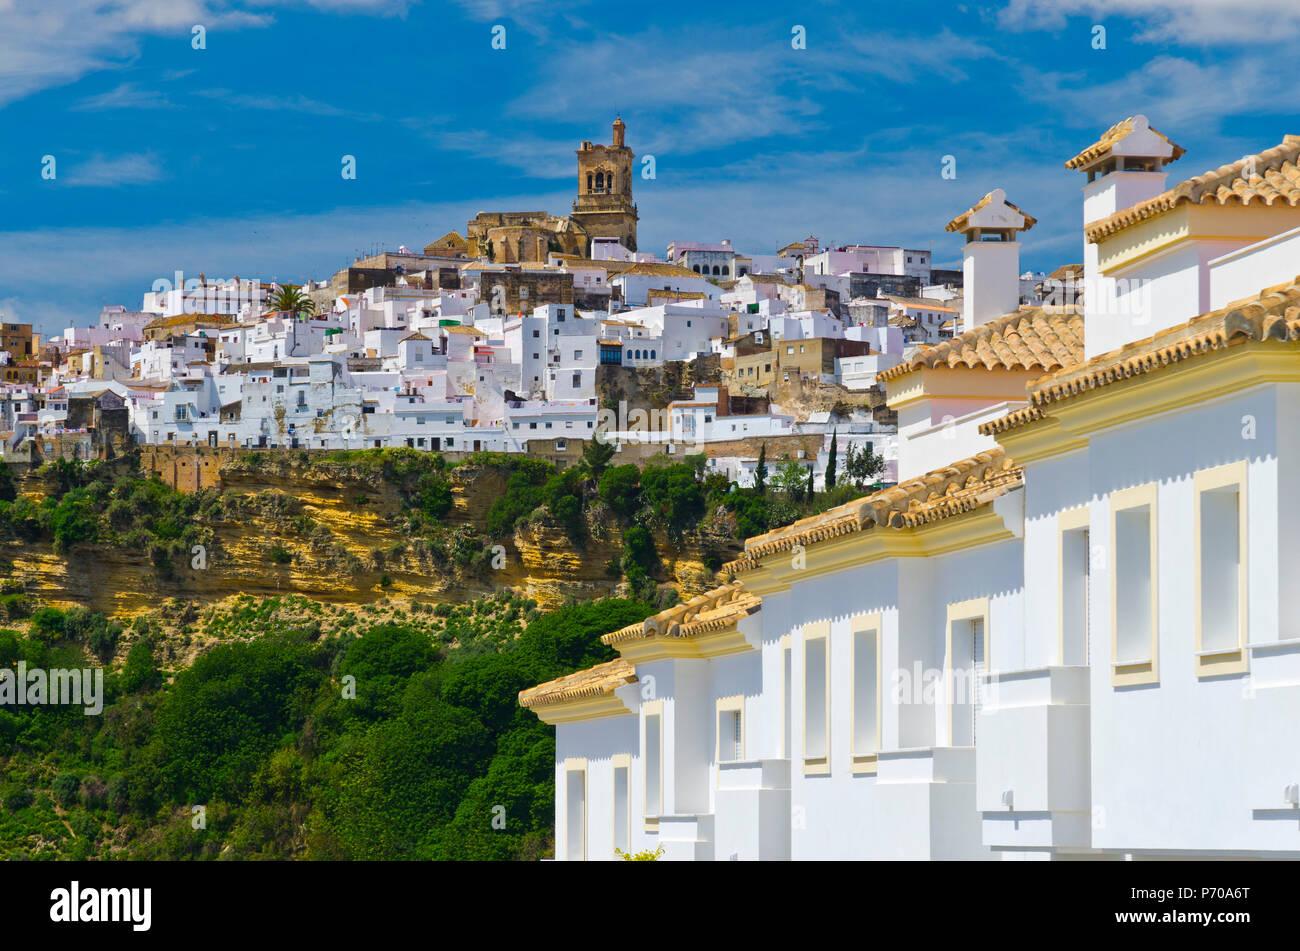 España, Andalucía, Cádiz, Arcos de la Frontera, un pueblo blanco, pueblo blanco Imagen De Stock